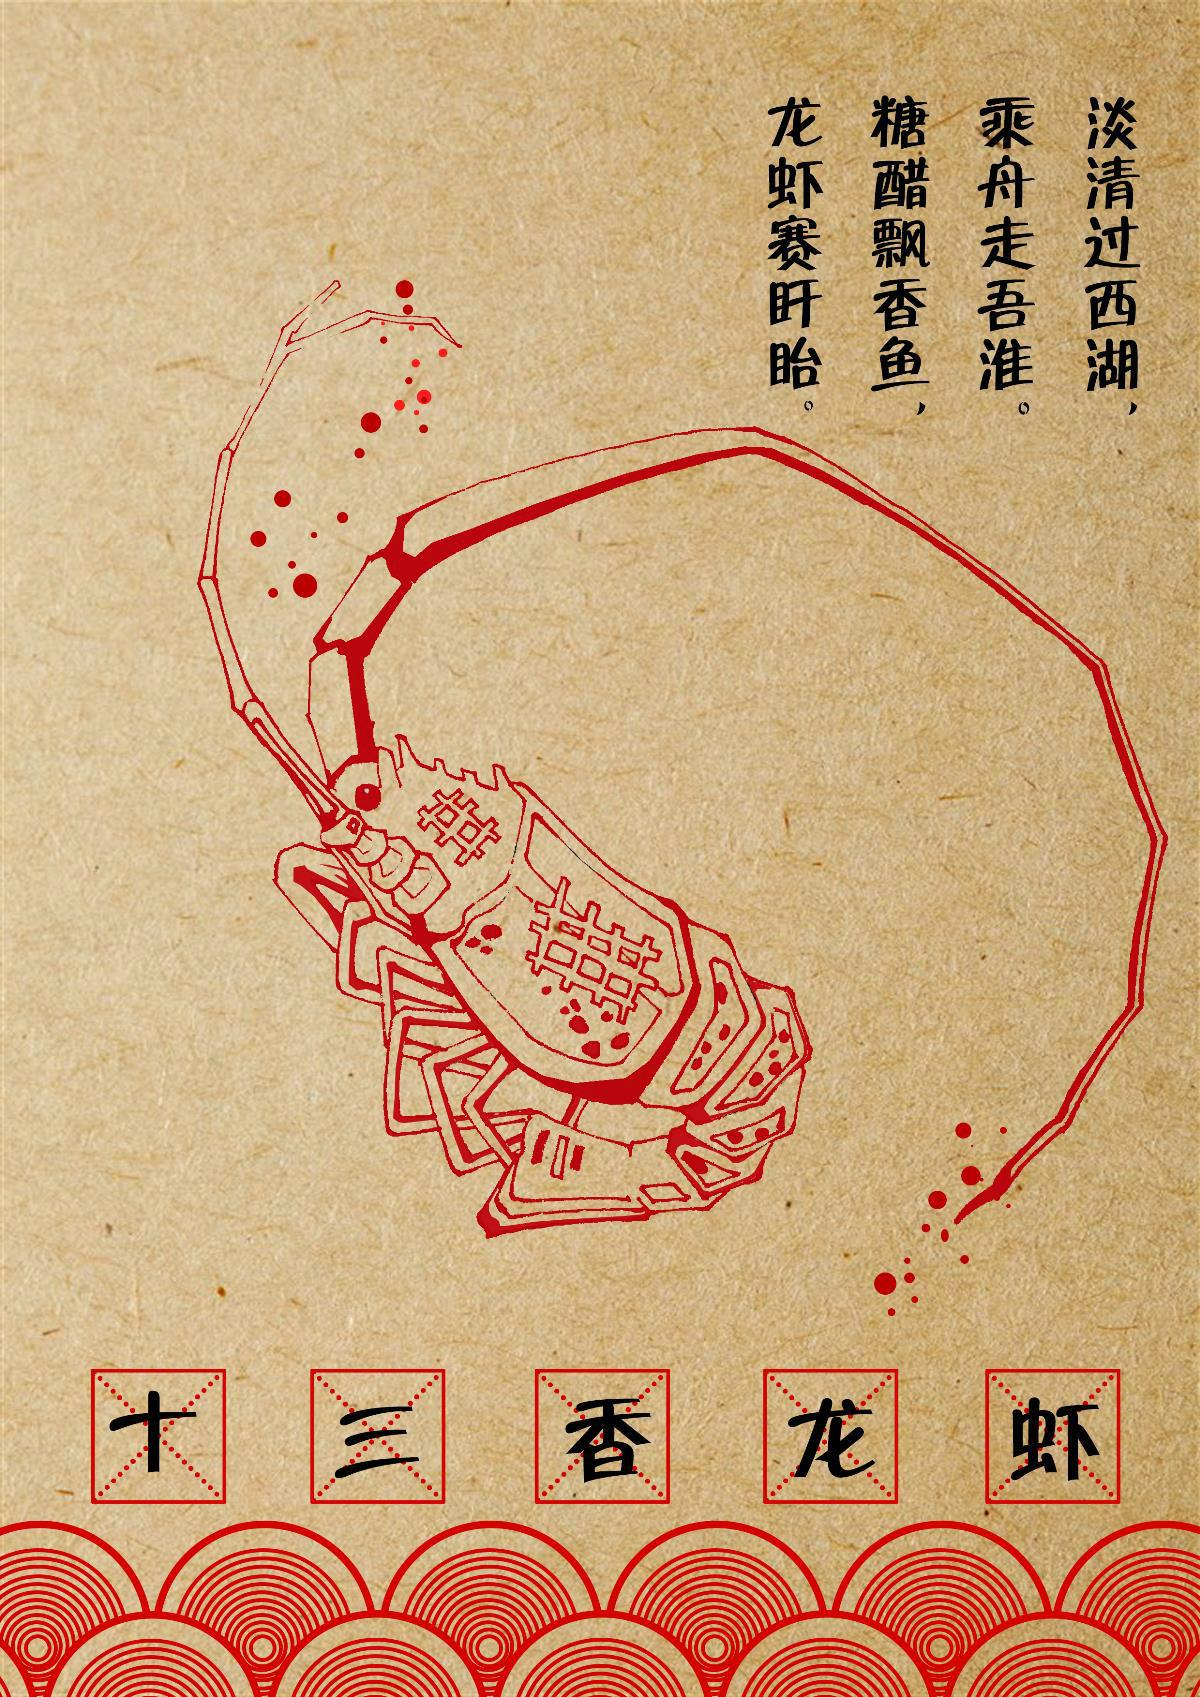 淮安饮食文化宣传海报